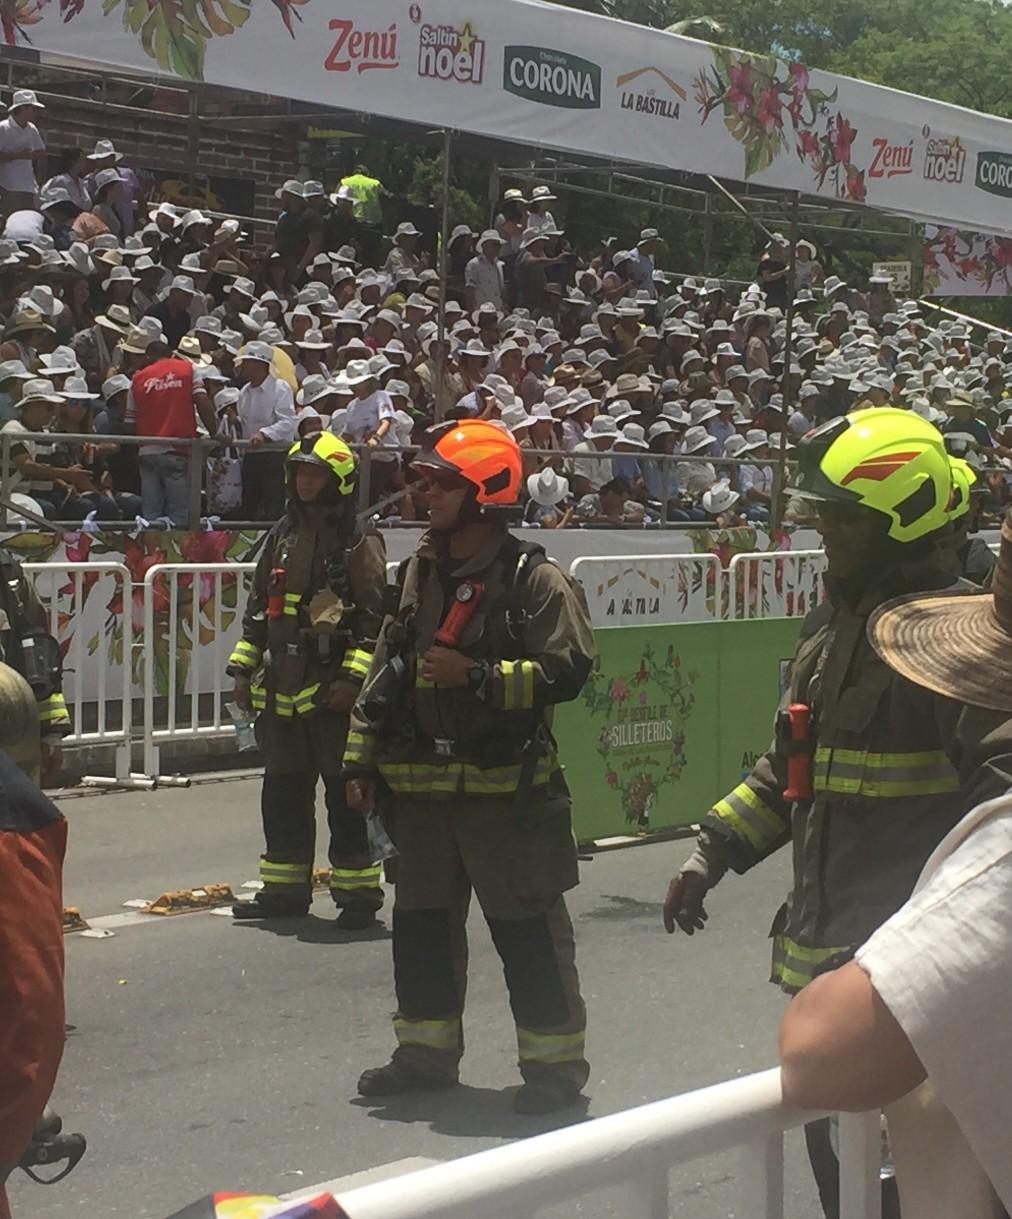 parade firemen